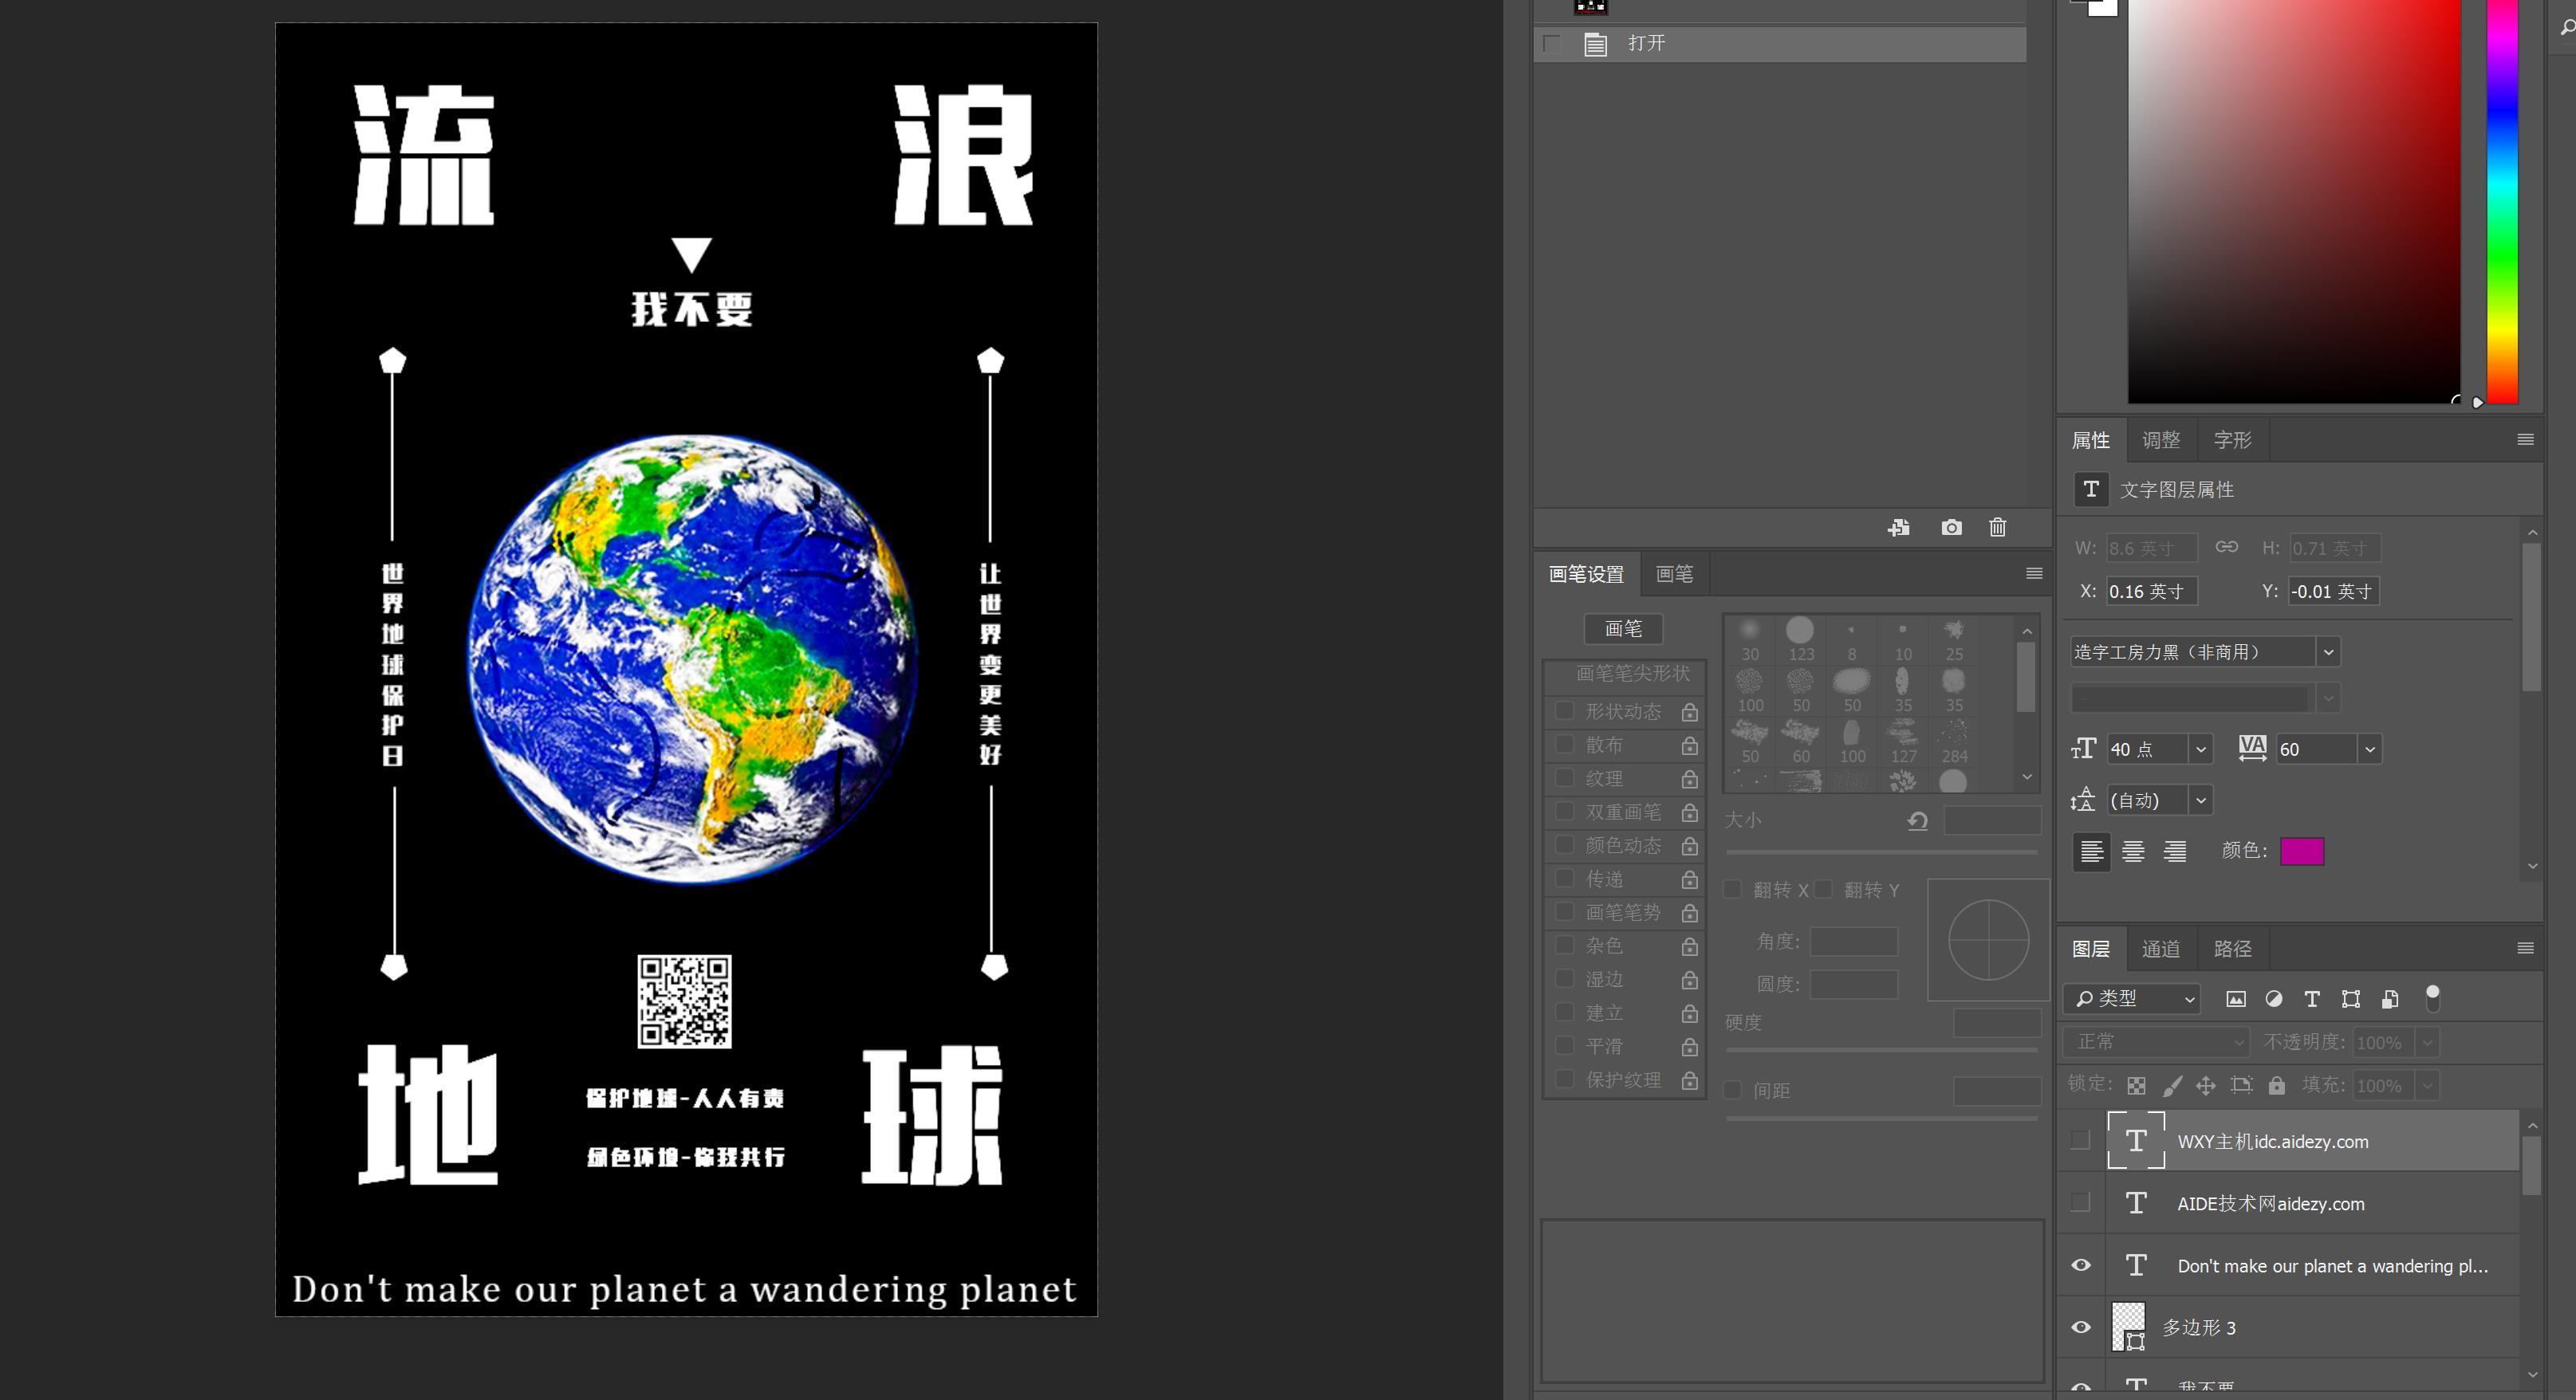 流浪地球公益手机版海报PSD源码分享